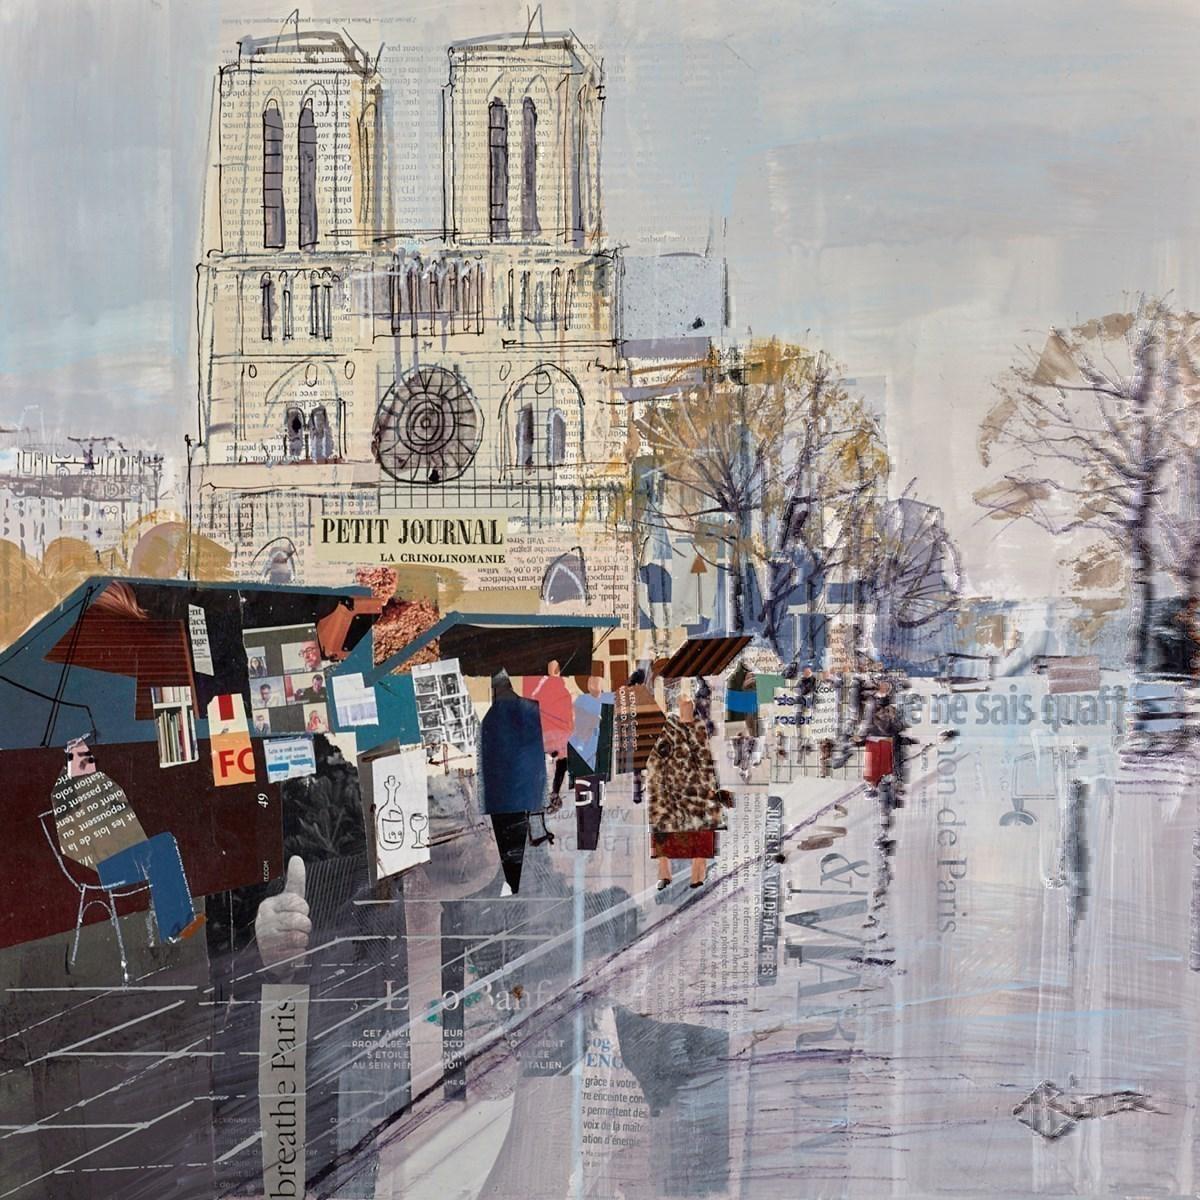 Bouquinistes, Notre-Dame, Study